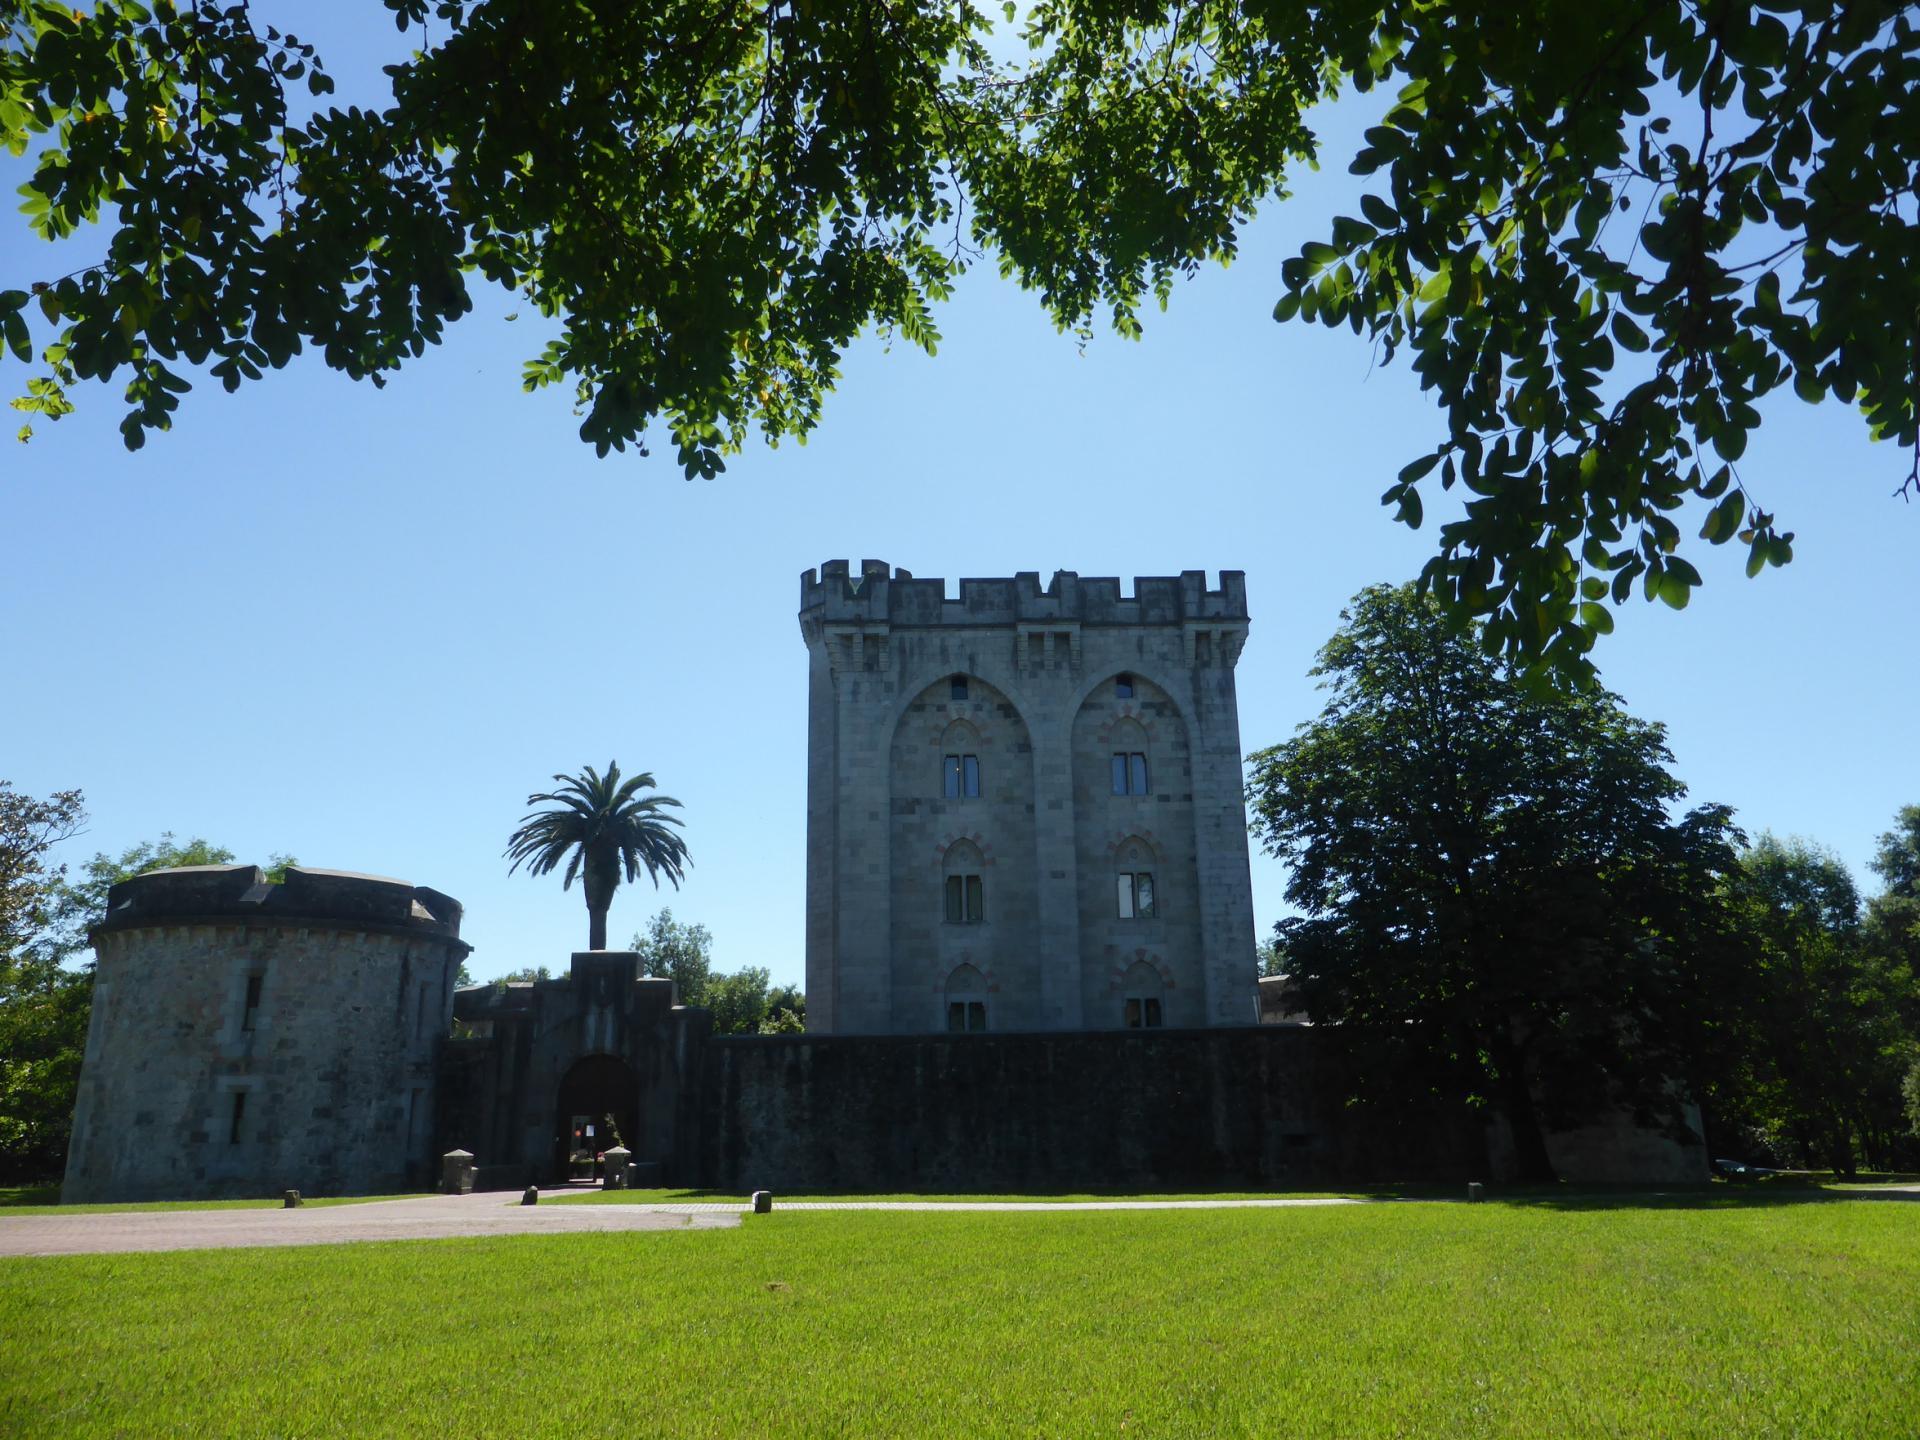 Le château du côté de l'entrée (cliché Ph. Cachau)